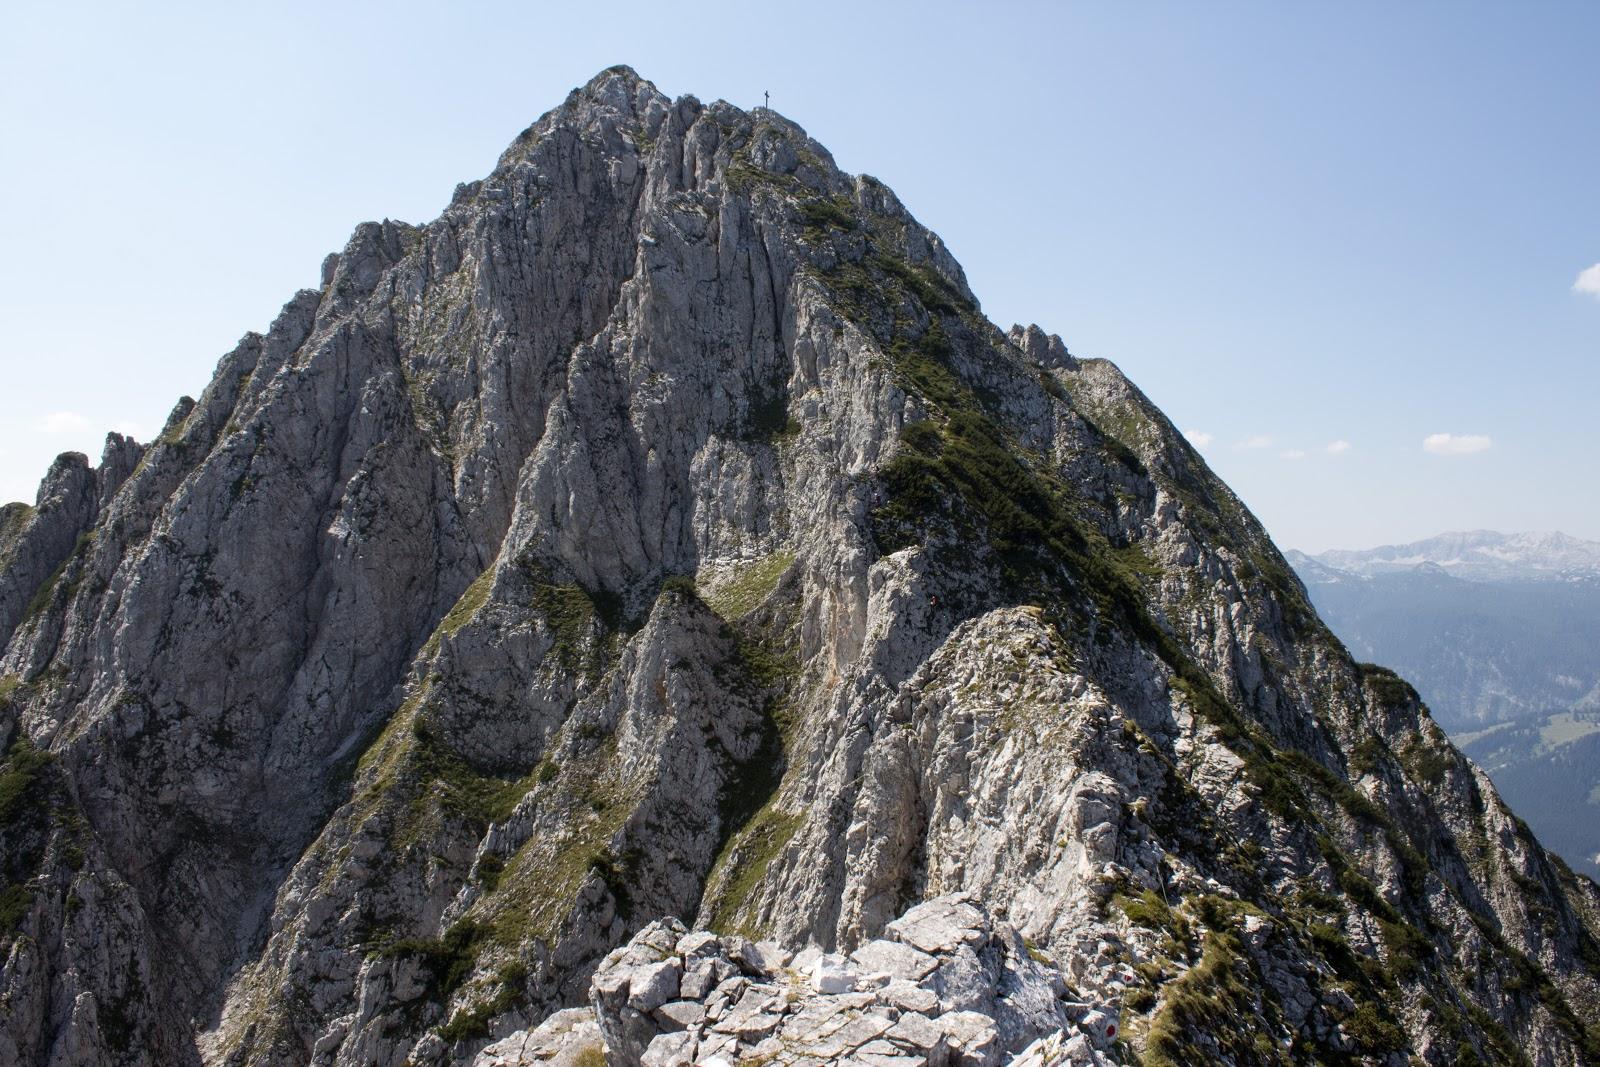 Von der Ardningeralmhütte über den Wildfrauensteig auf Frauenmauer, Bosruck und Kitzstein. - Blick von der Frauenmauer zum Bosruck